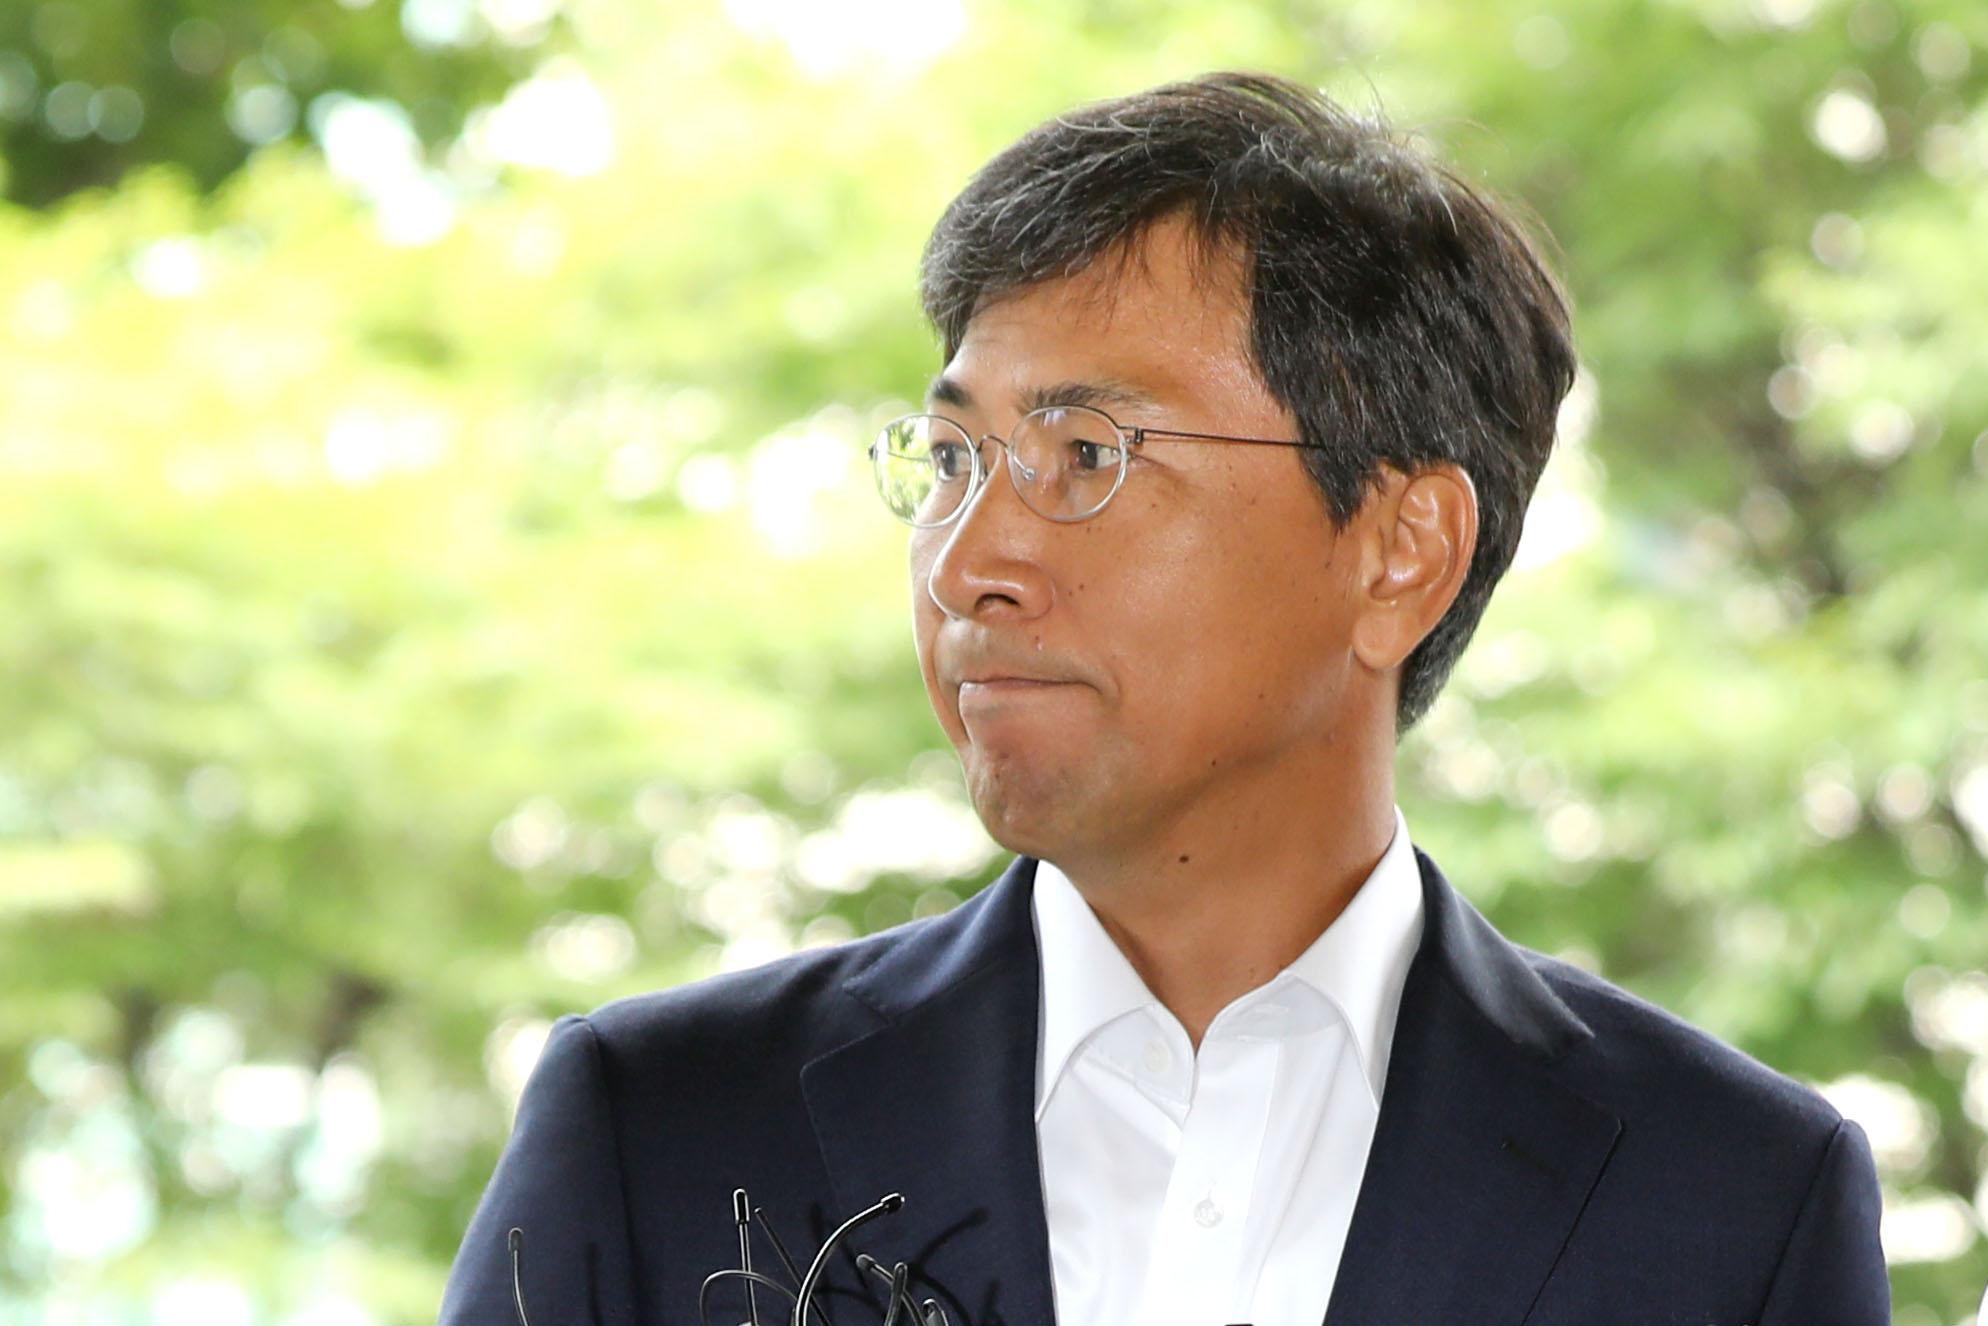 비서를 성폭행한 혐의를 받고 있는 안희정 전 충남지사가 14일 오전 서울 마포구 서부지방법원에서 열린 선고 공판에 출석하고 있다. [뉴스1]